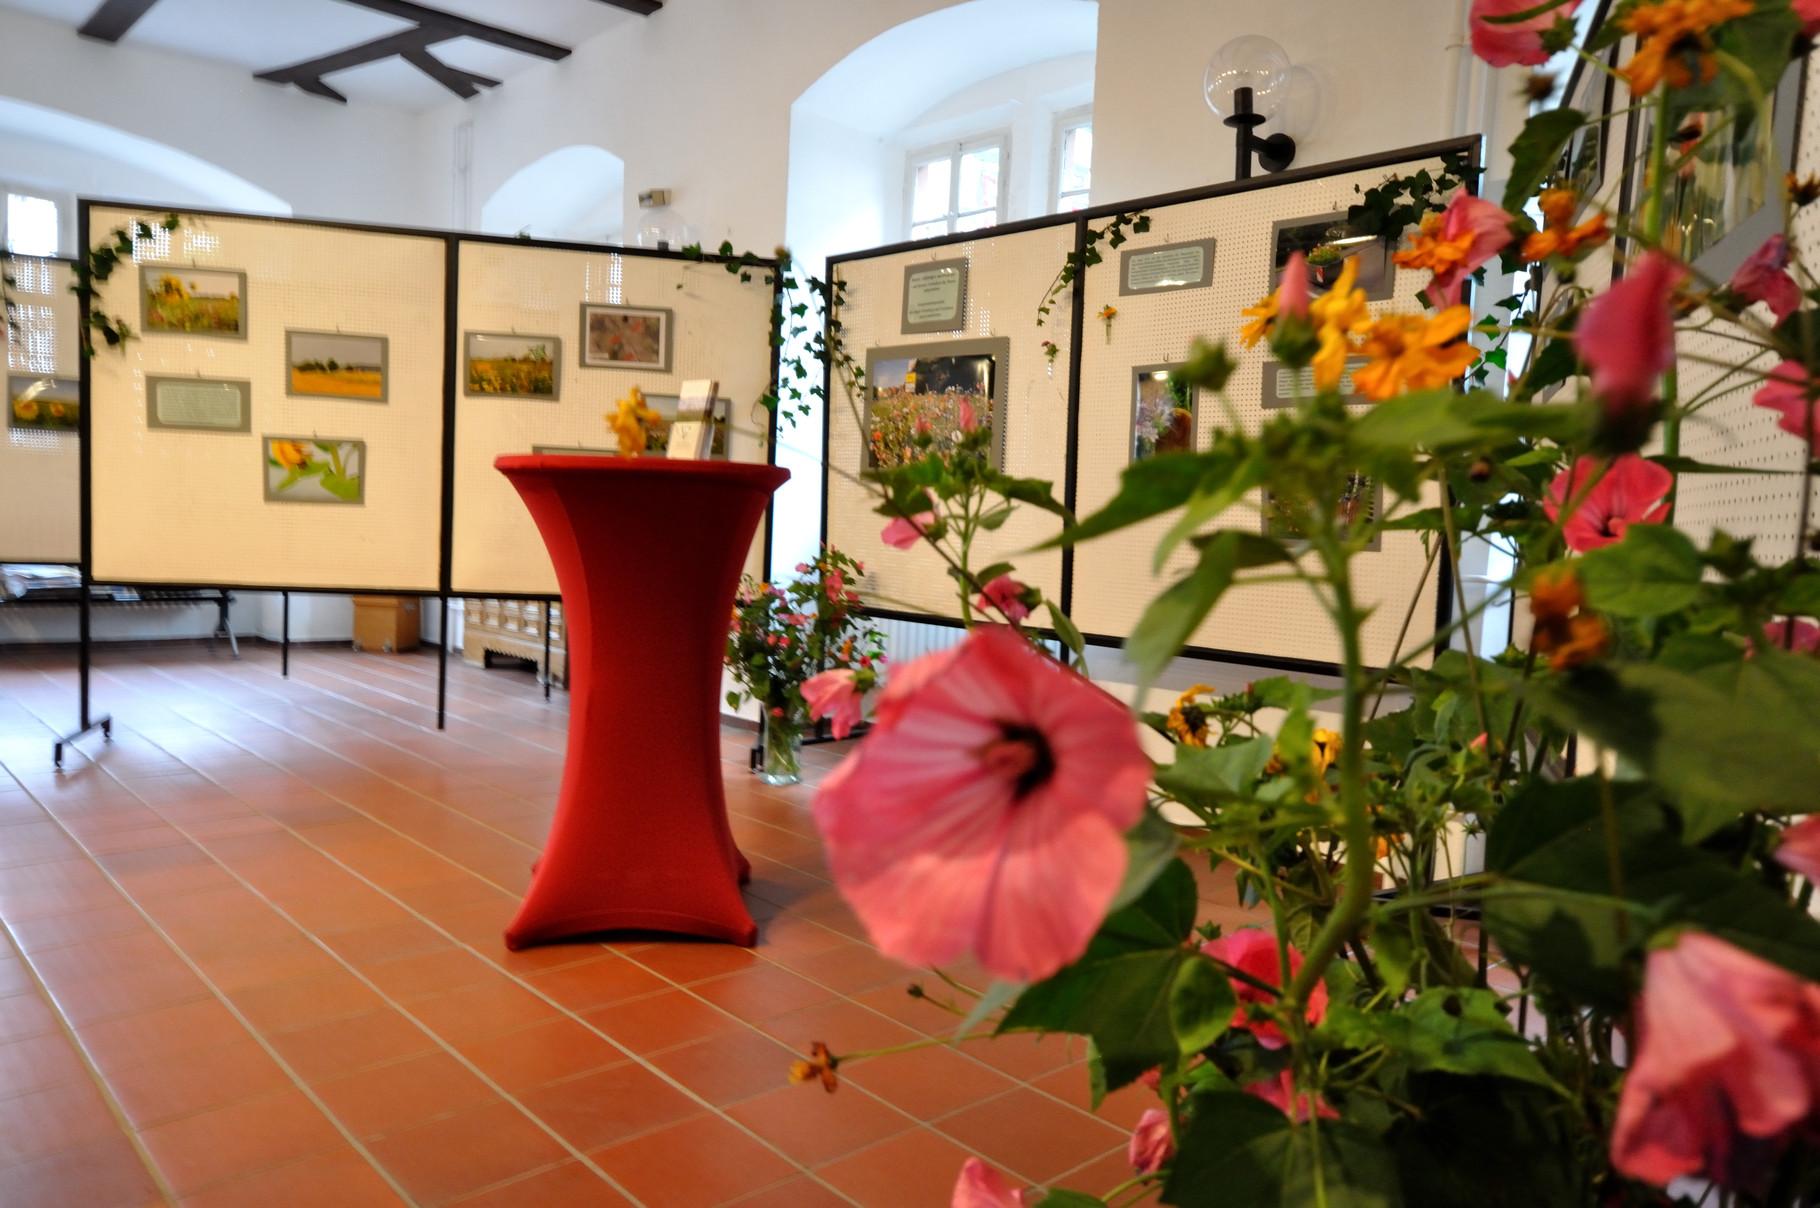 Dokumentation der Blühflächen im Rathaus Grünberg